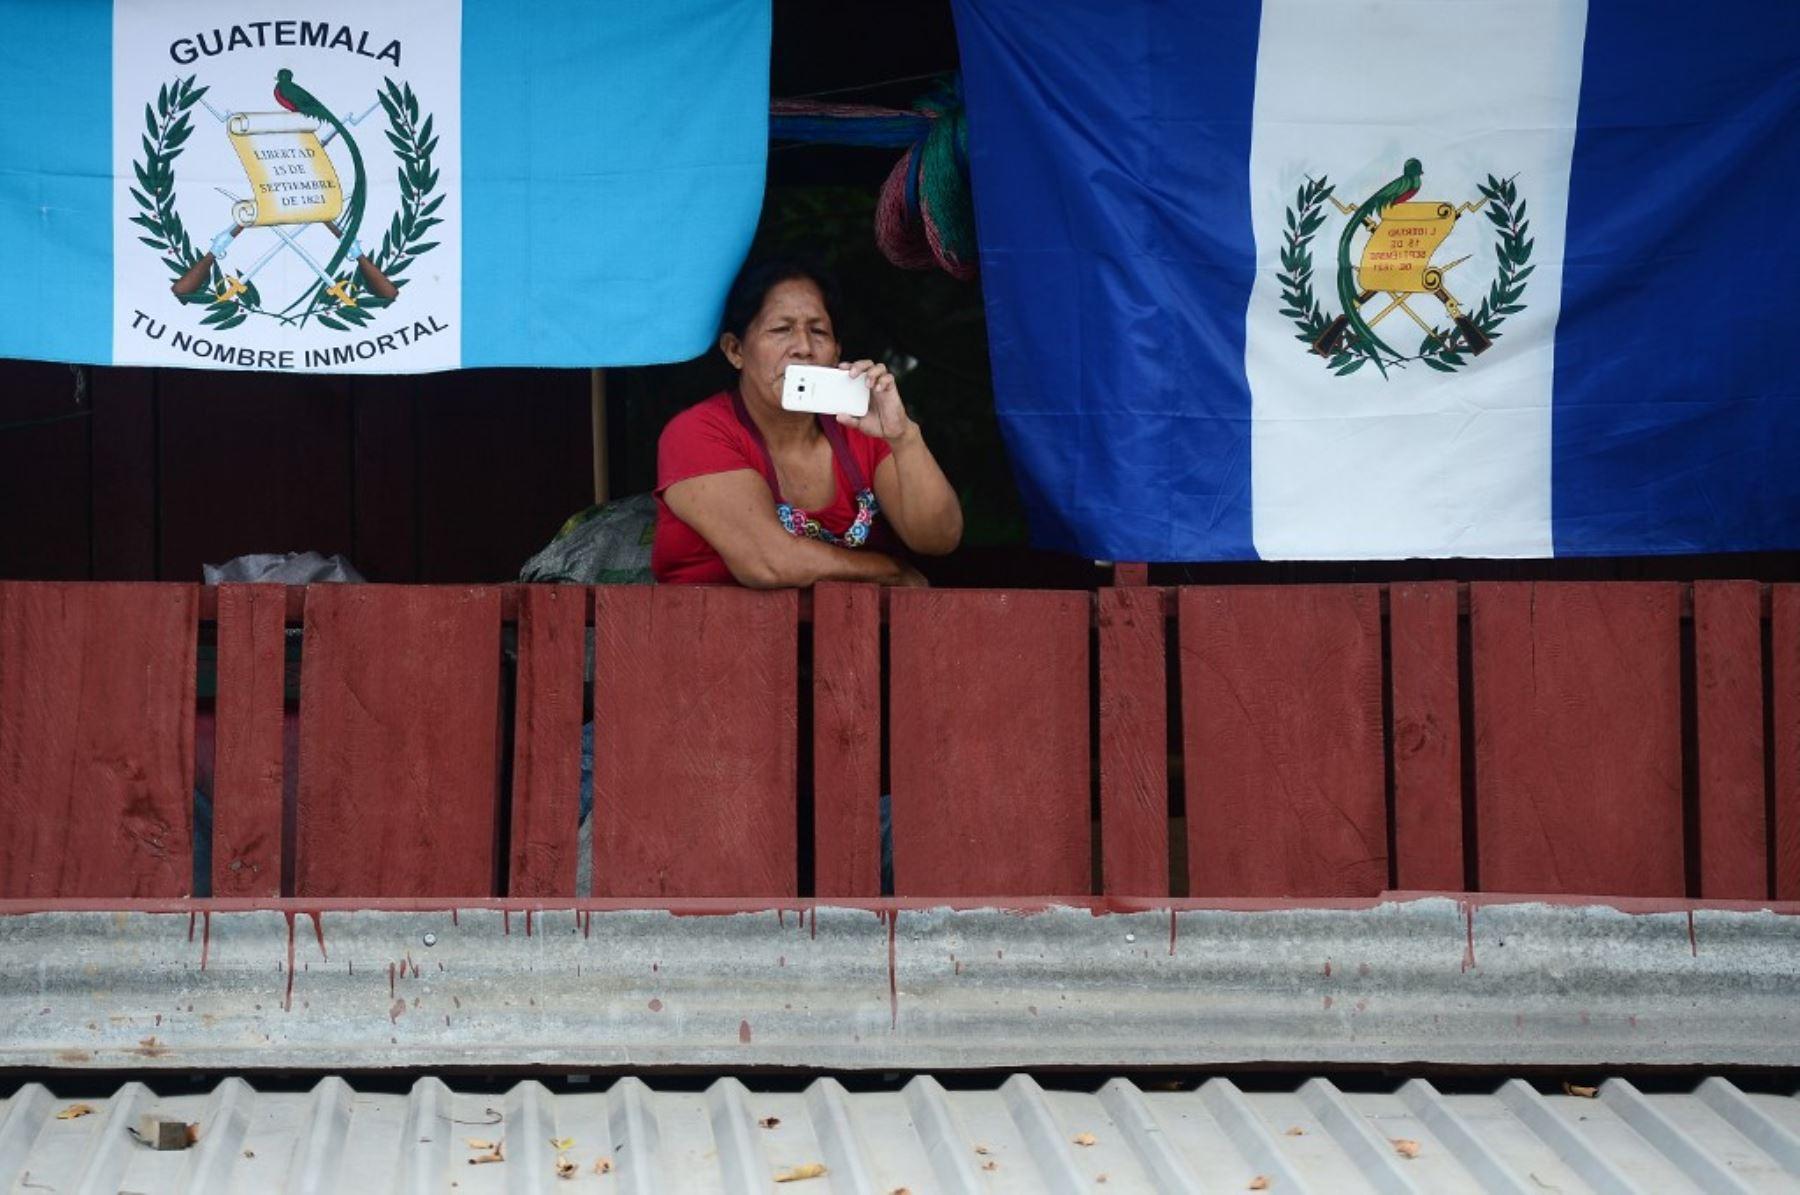 Una mujer bajo banderas guatemaltecas y hondureñas, registra como migrantes hondureños rompen la valla policial para ingresar a Guatemala en su camino a los Estados Unidos, en la frontera de Corinto, Honduras. Foto: AFP